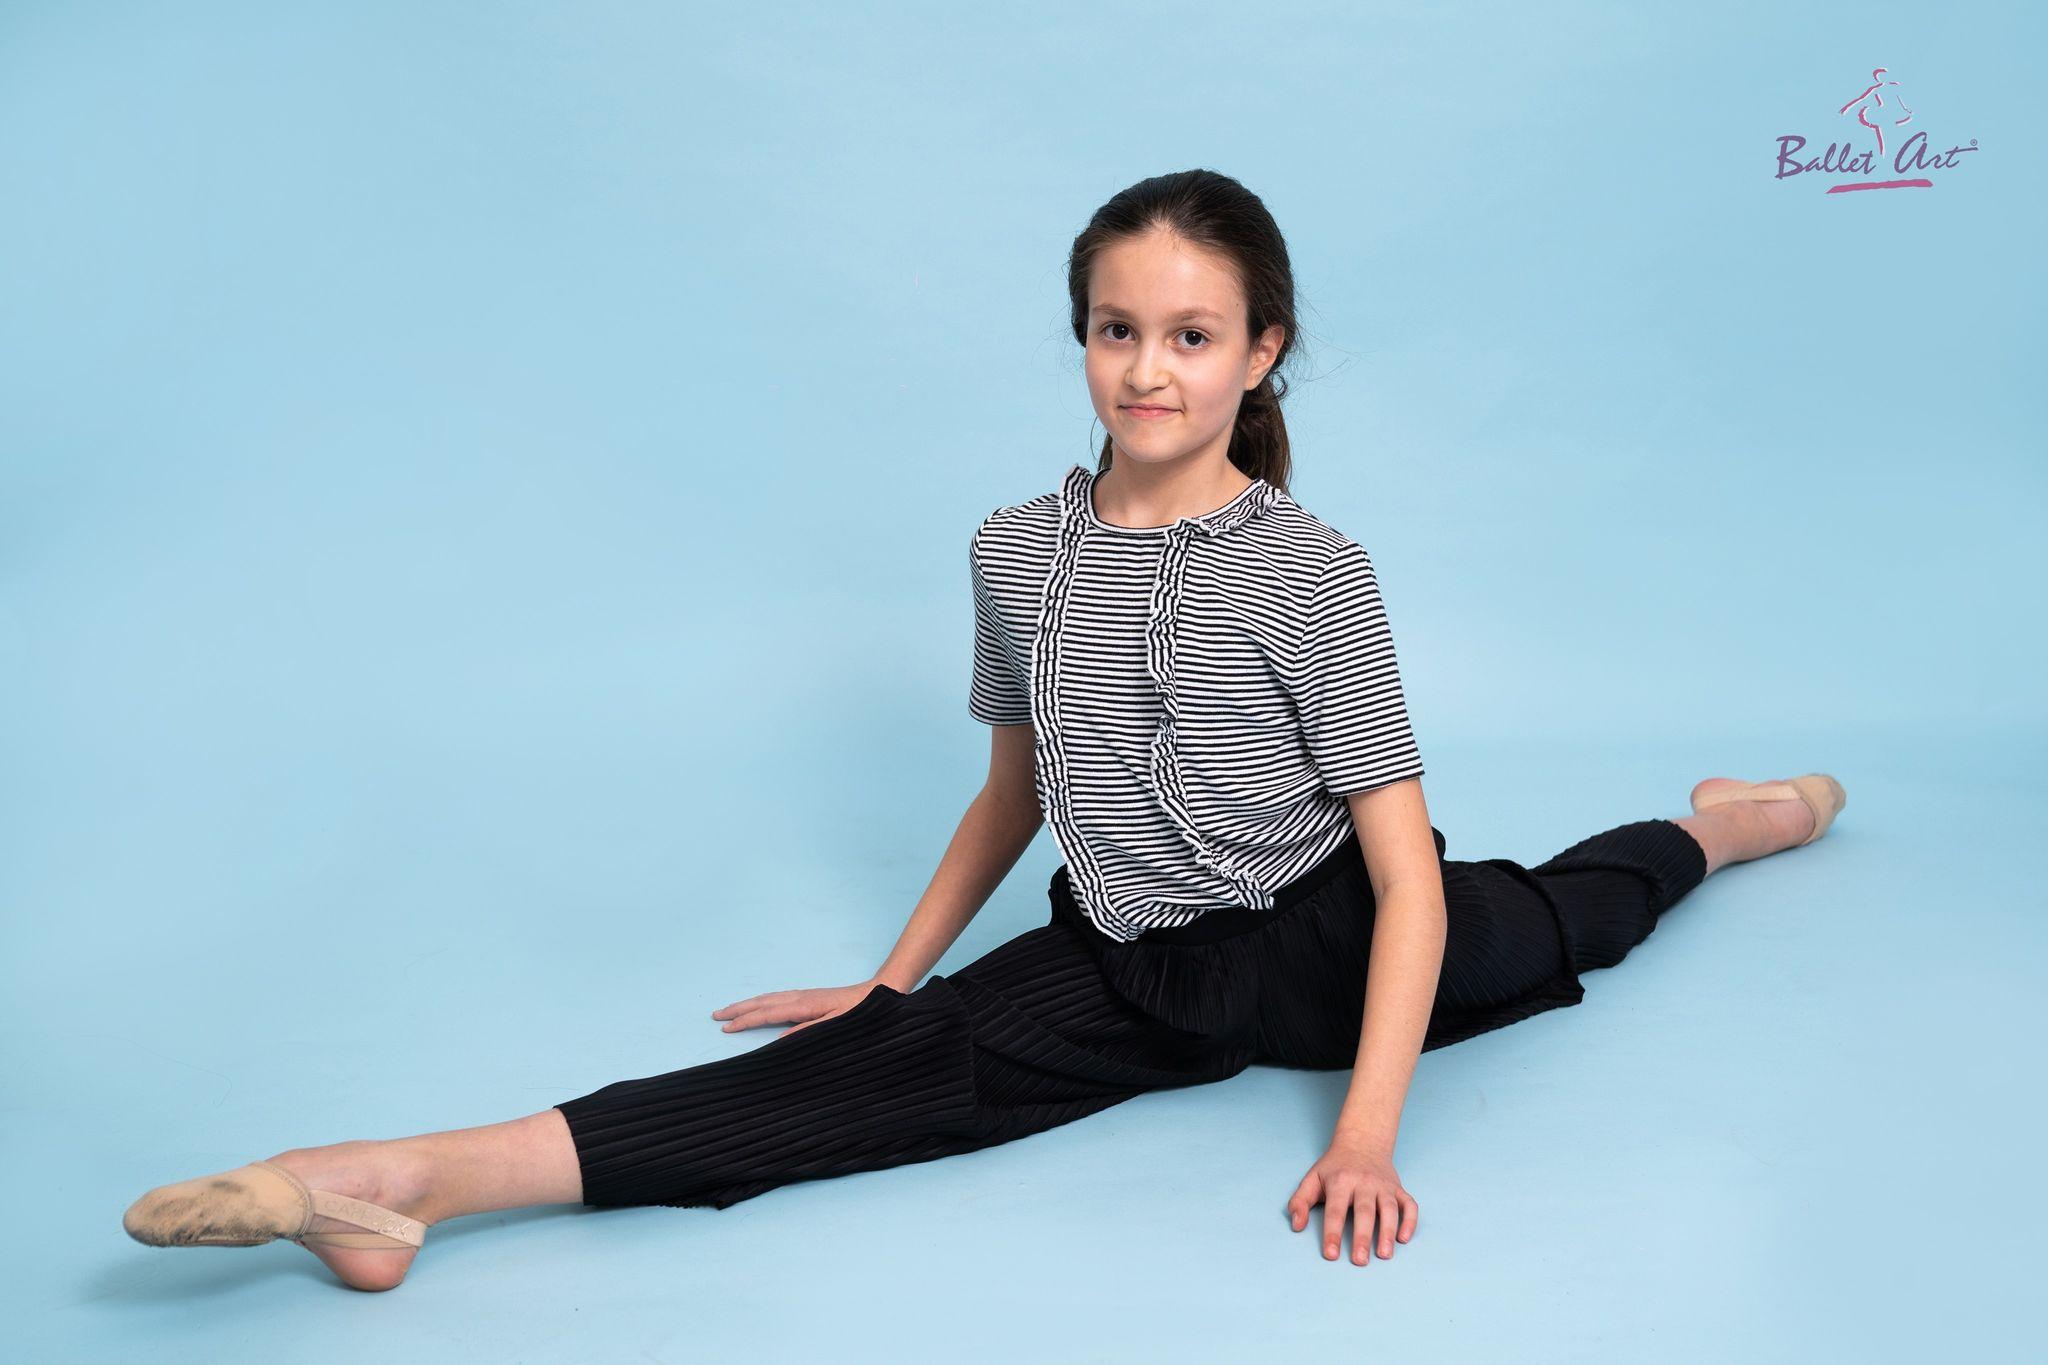 O altă elevă Ballet Art admisă la o școală de prestigiu de balet: Eva Maria va studia la State Ballet School Berlin!